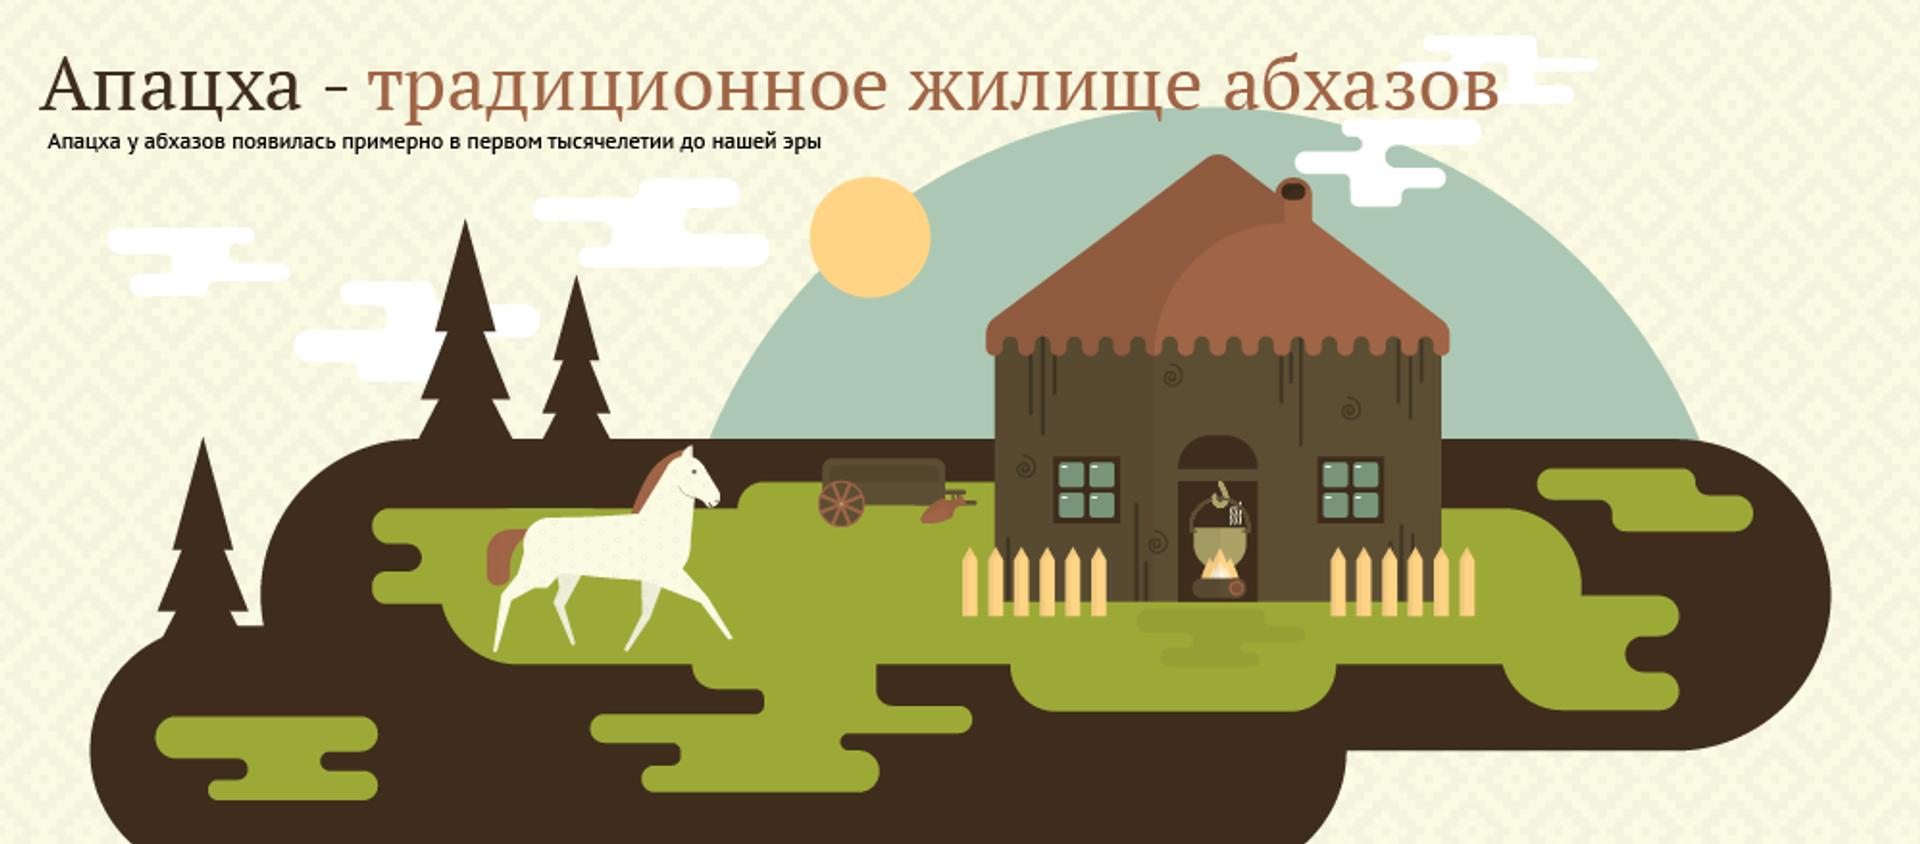 Апацха - традиционное жилище абхазов - Sputnik Абхазия, 1920, 29.06.2016